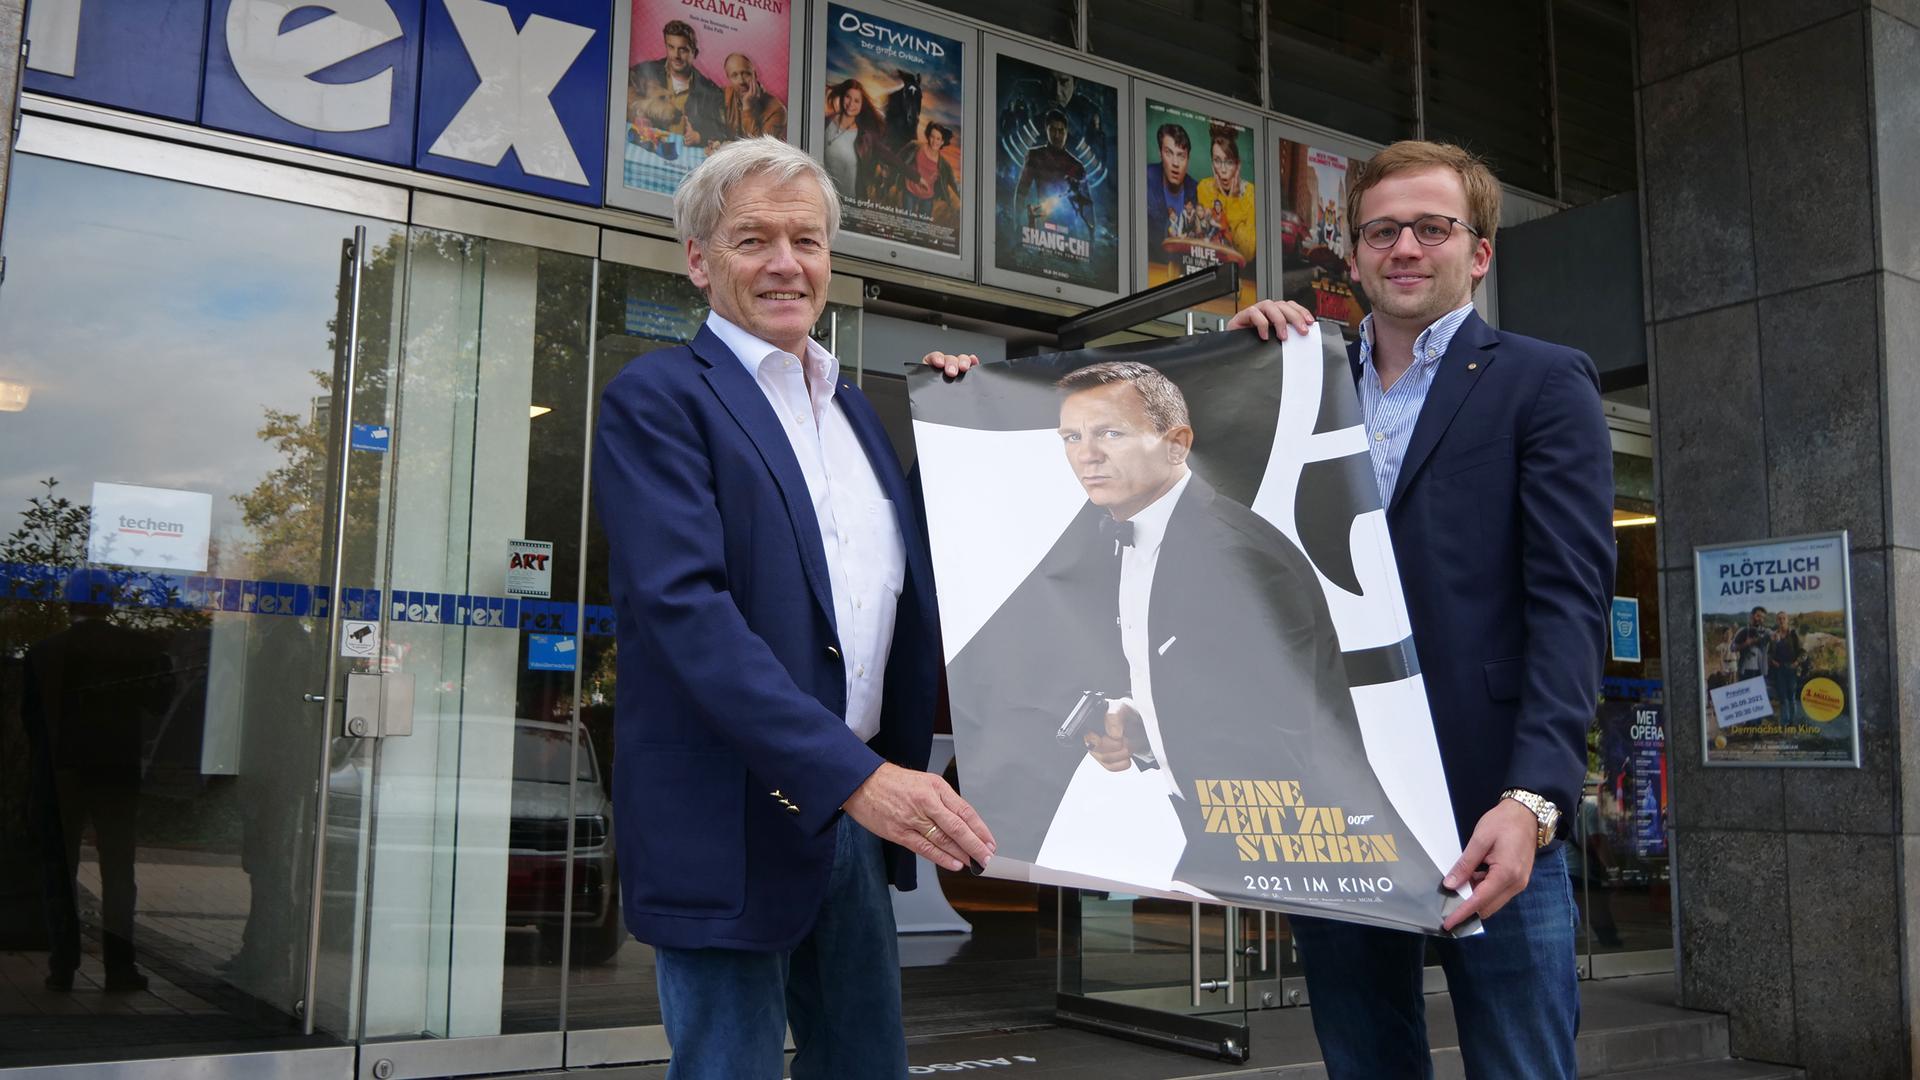 Die Fieberkurve liegt auch in Pforzheim bei 007 Grad: Kinobetreiber Michael (links) und Nicolas Geiger freuen sich auf den Start des neuen James Bond, für den sie viele Säle parallel zur Verfügung stellen